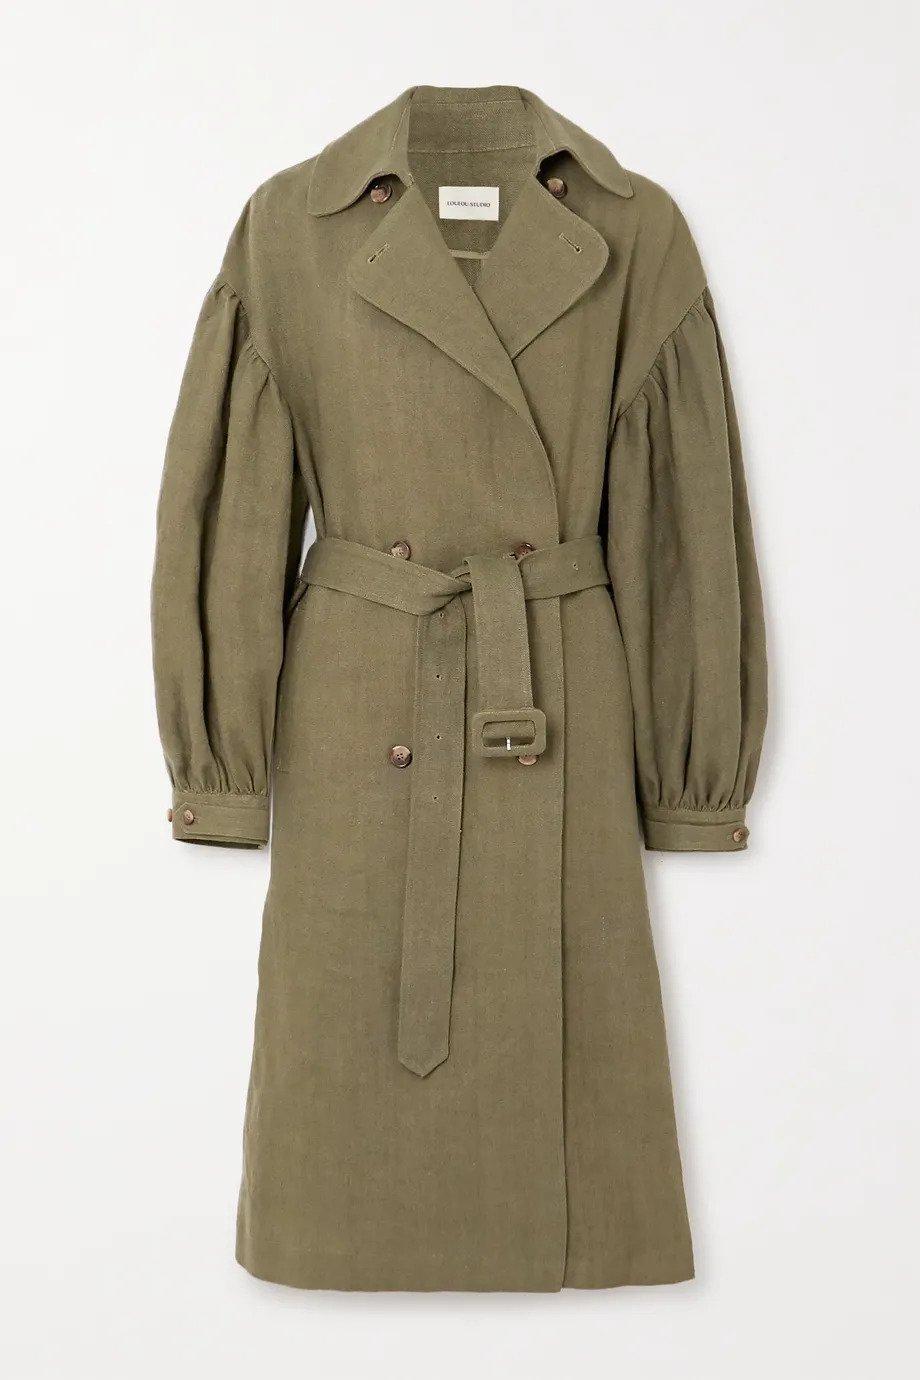 LOULOU STUDIO, Pukapuka oversized linen trench coat, от 1153лв на 576лв